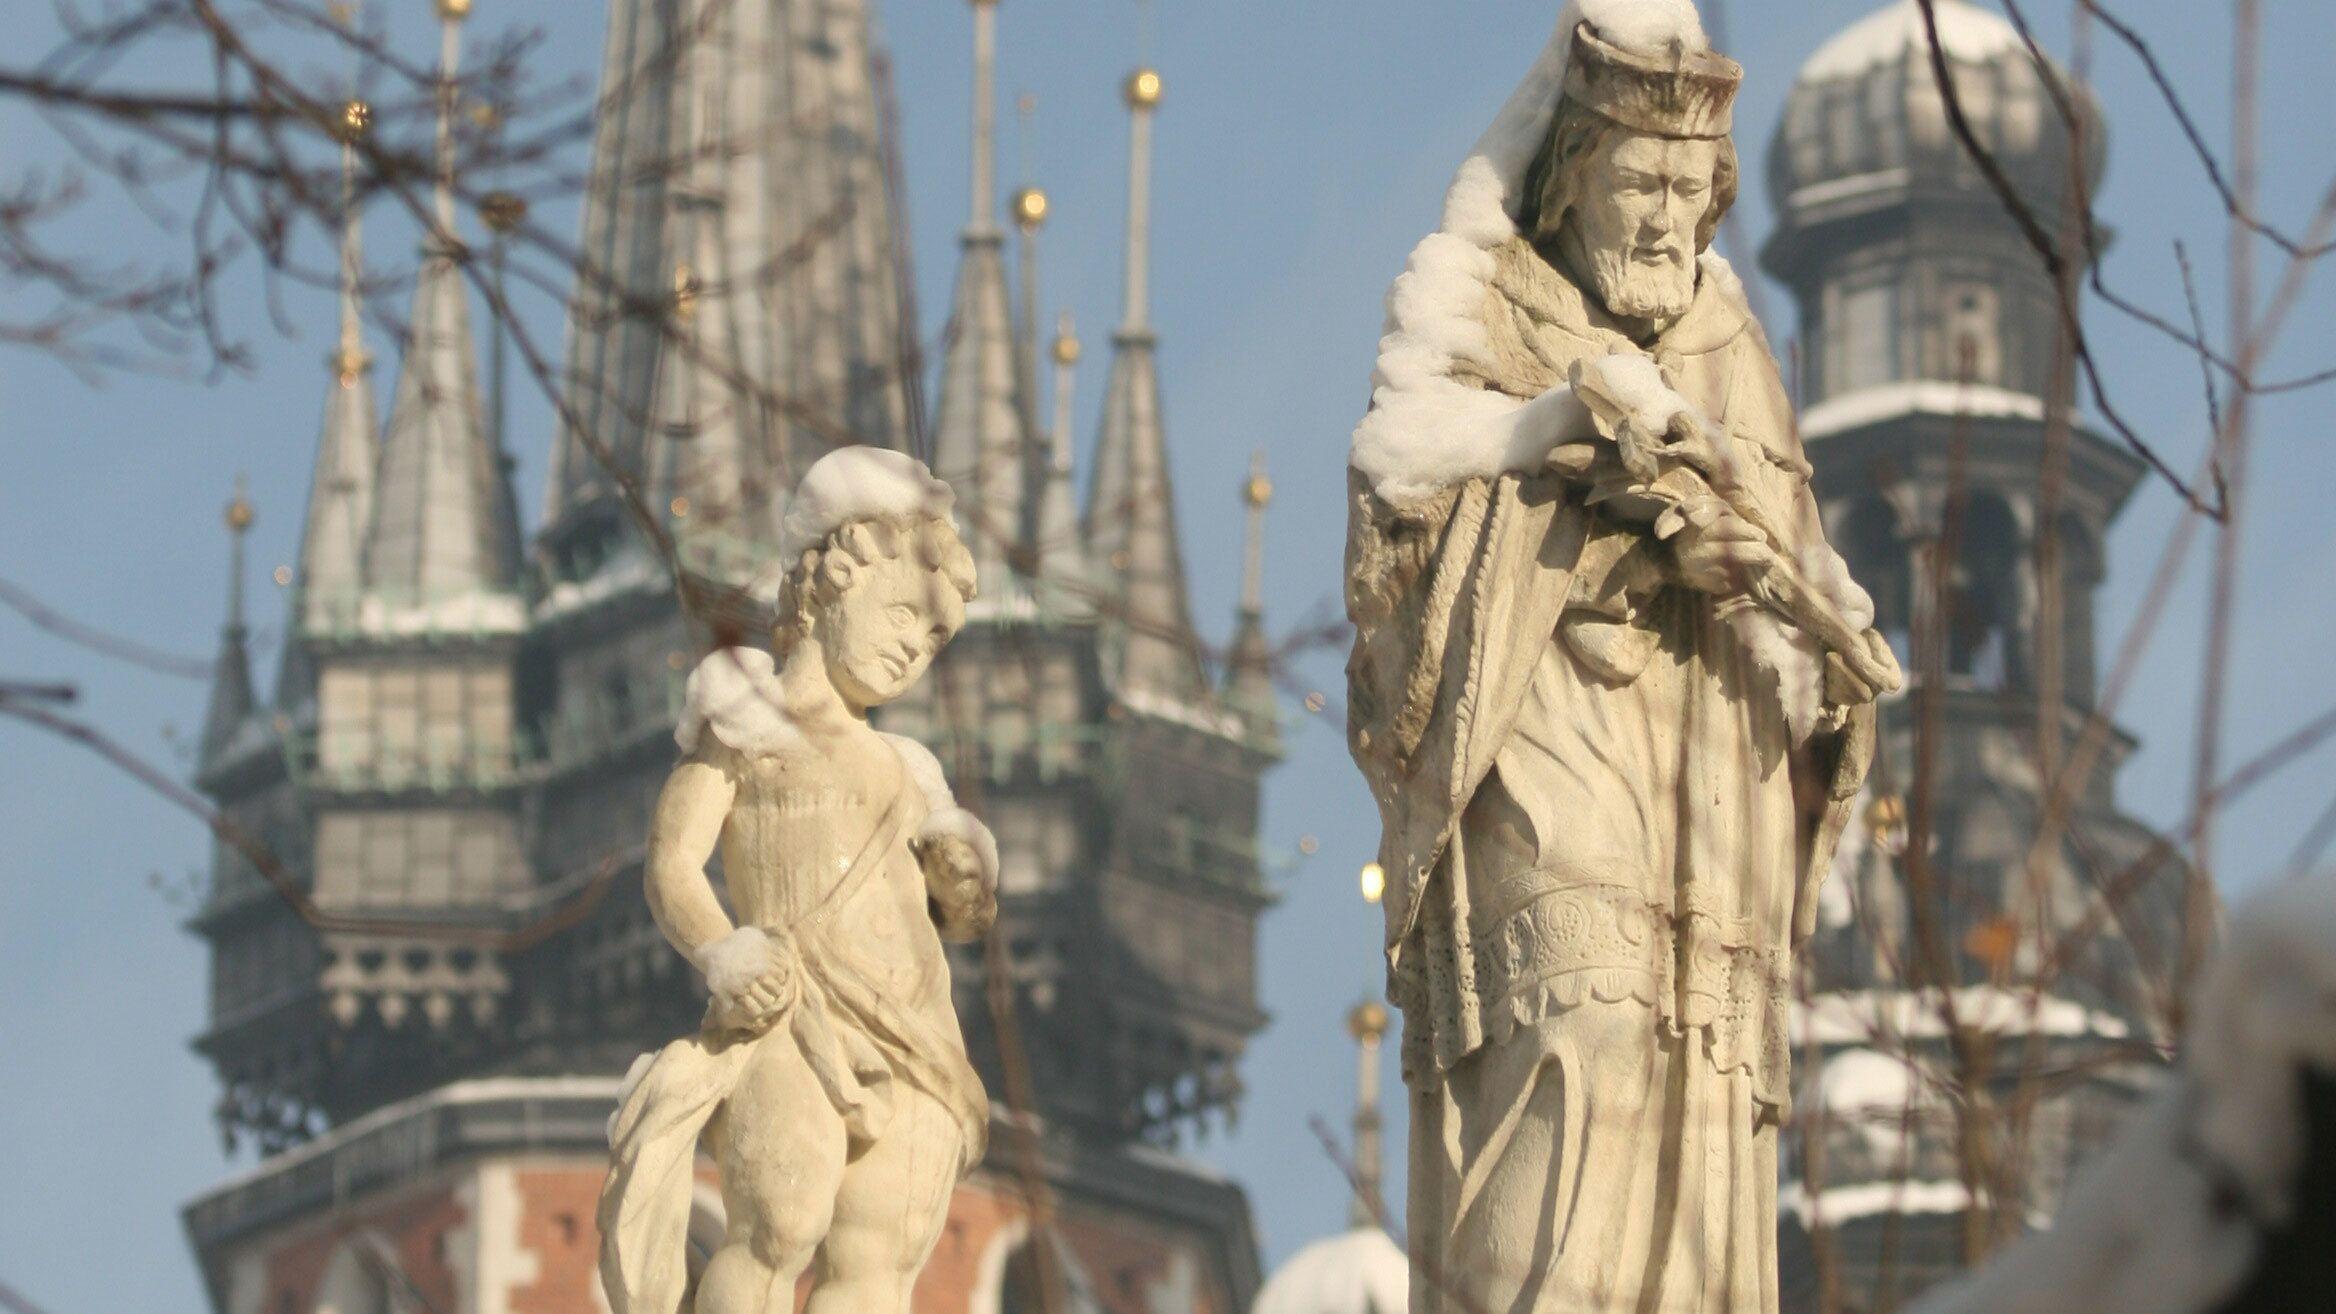 Statues found in Kraków, Poland